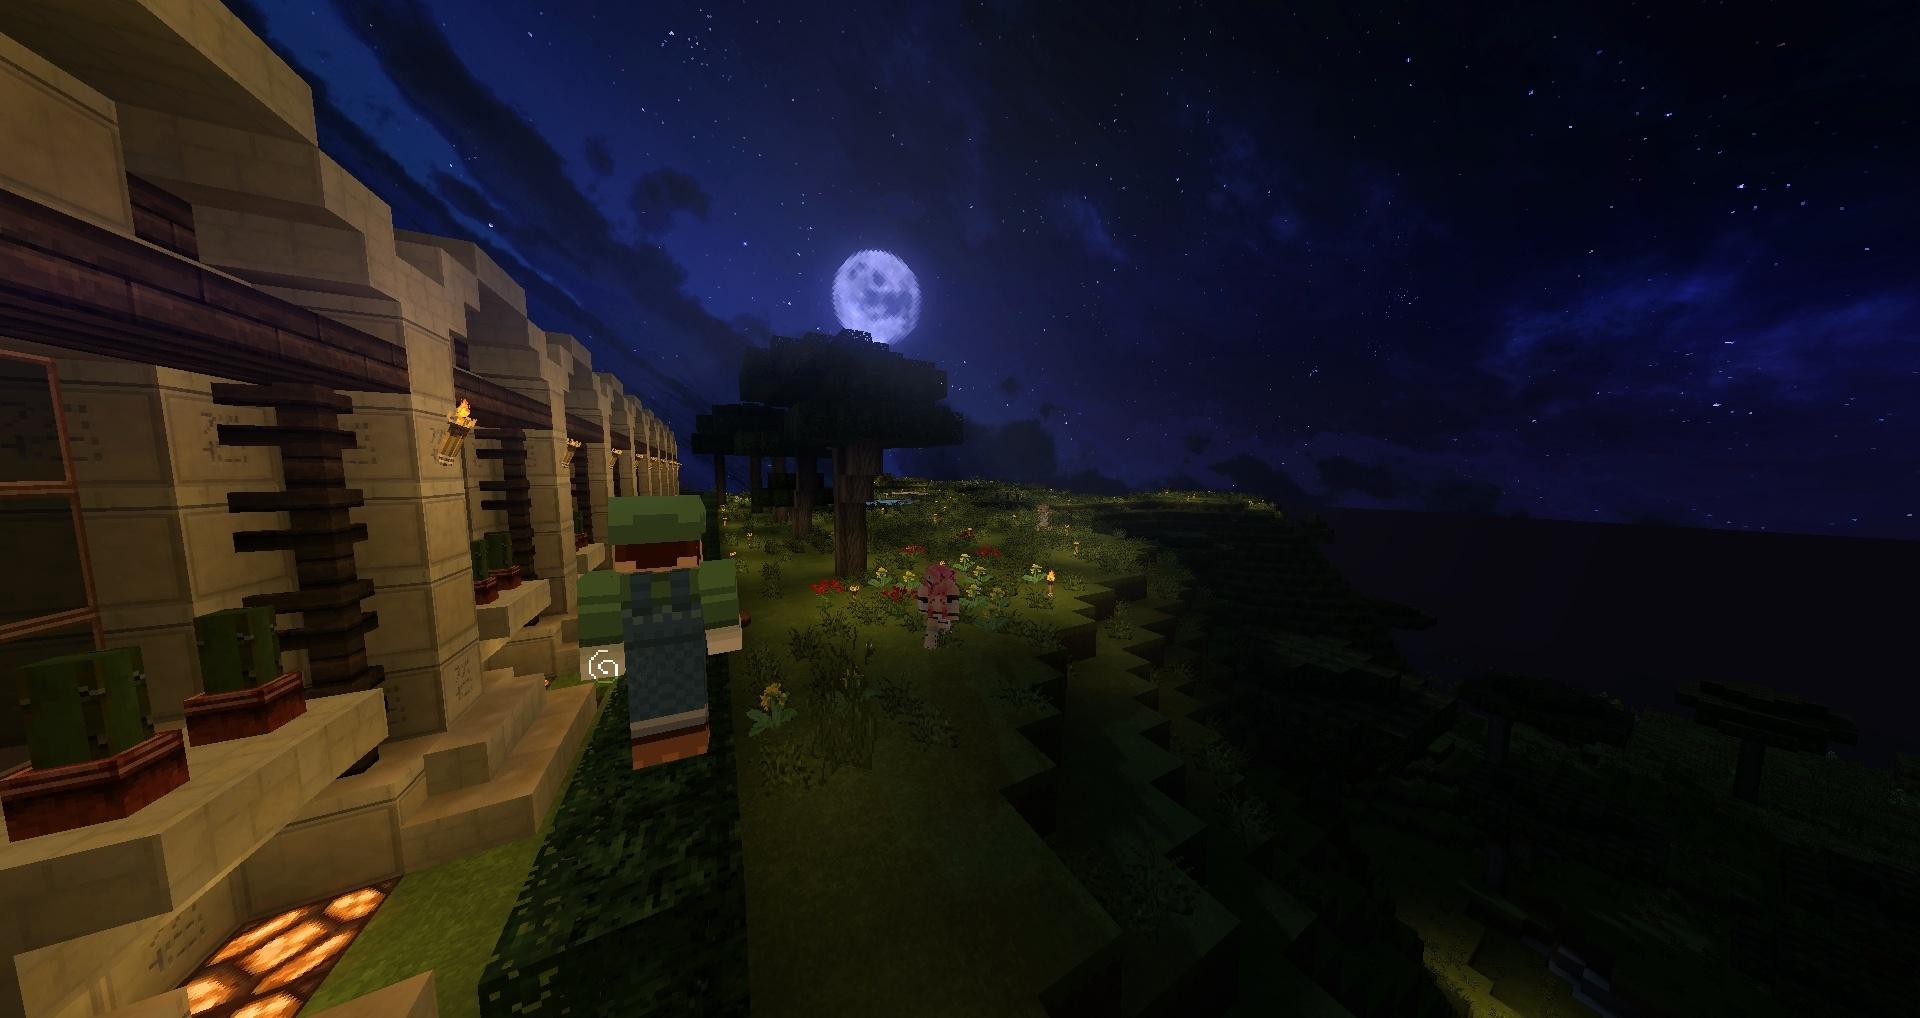 Ouais y'a Merlin l'enchanteur qui a fait pousser la lune dans le ciel !